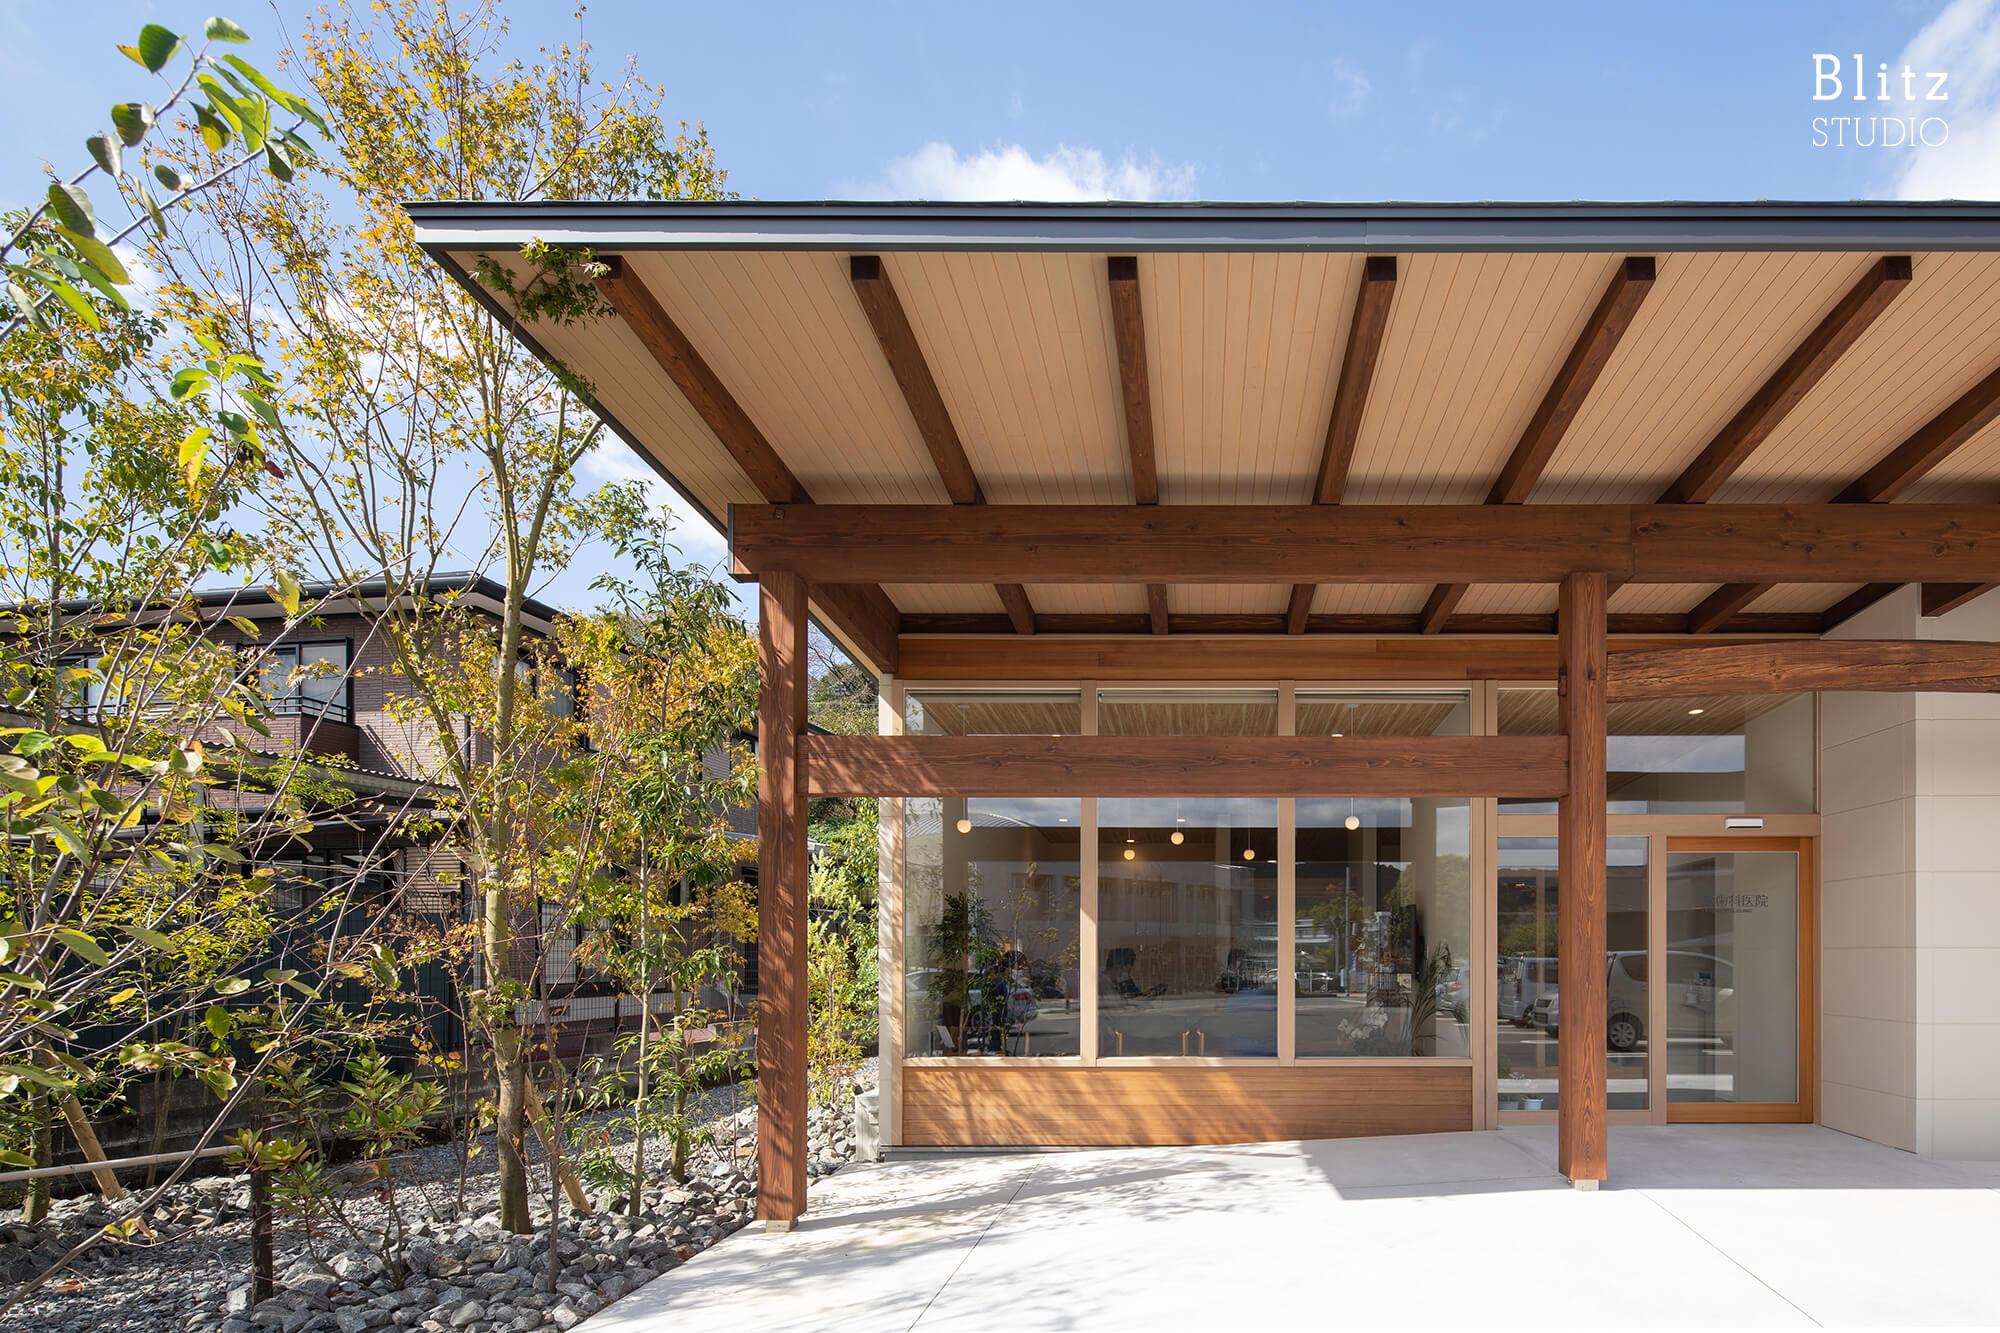 『江藤歯科医院』-熊本県-建築写真・竣工写真・インテリア写真1